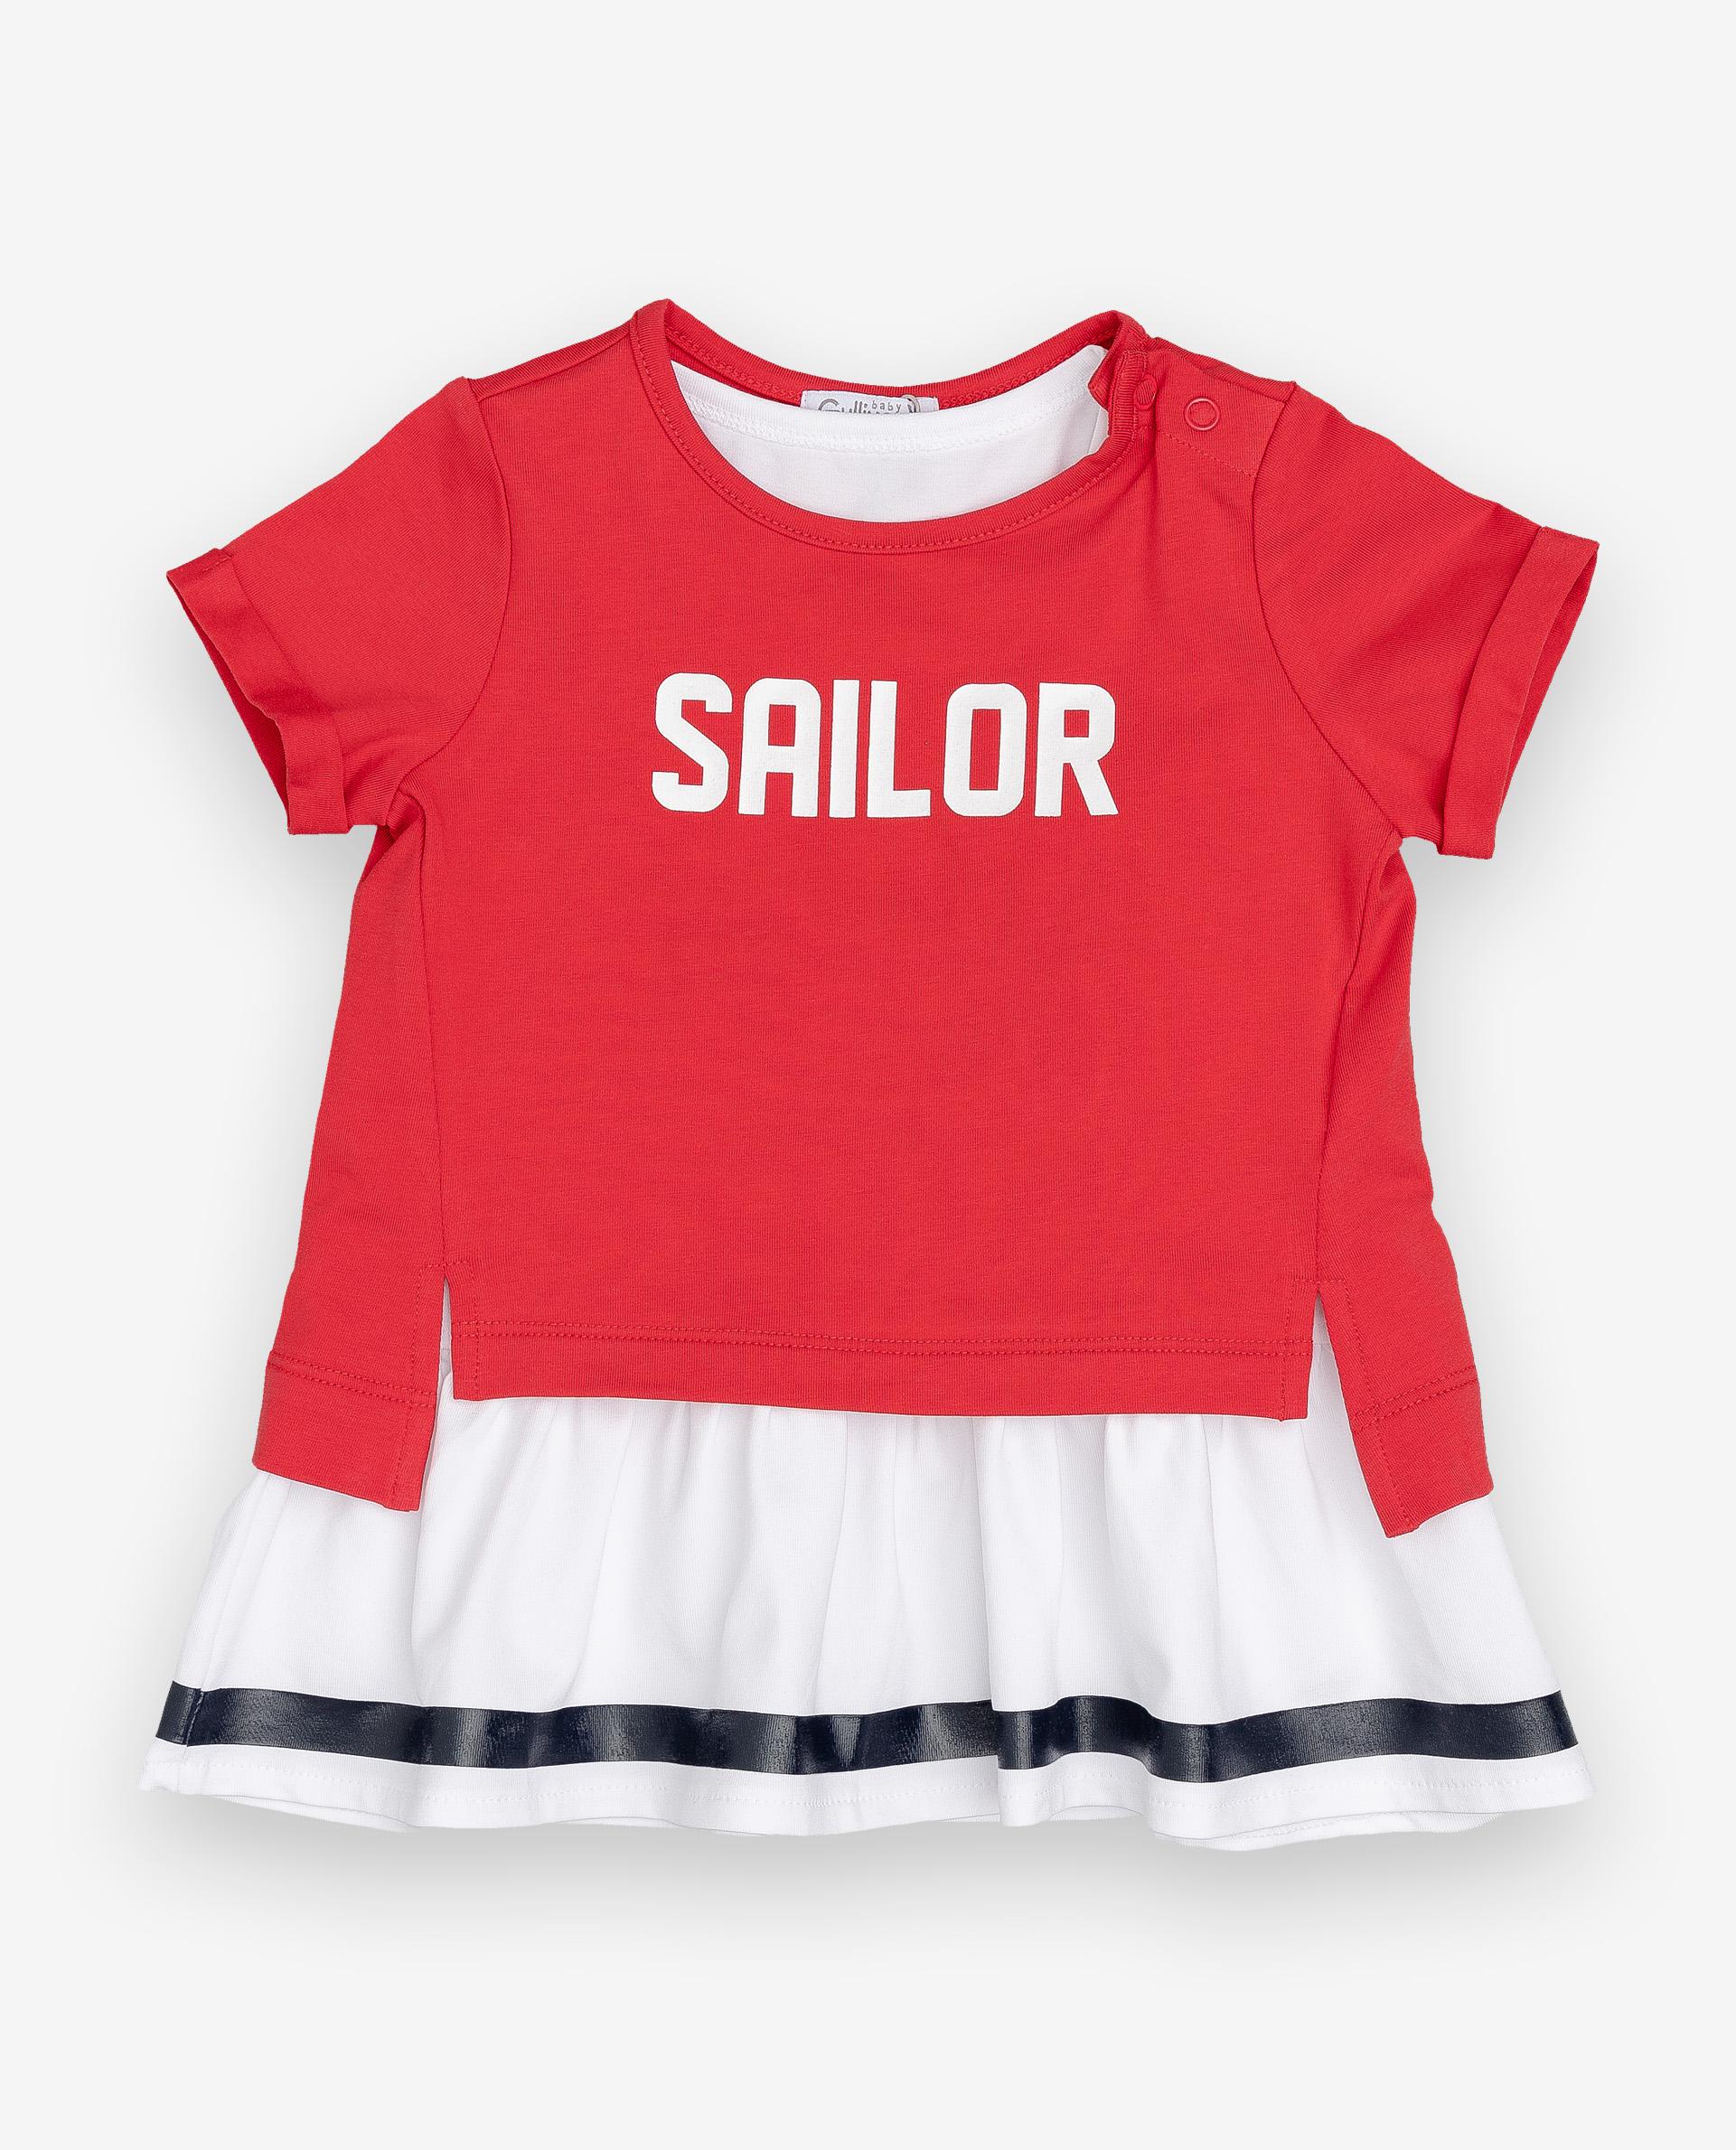 Купить 12032GBC5005, Комплект из платья и футболки Gulliver, Gulliver Baby, красный, 86, Женский, ВЕСНА/ЛЕТО 2020 (shop: GulliverMarket Gulliver Market)